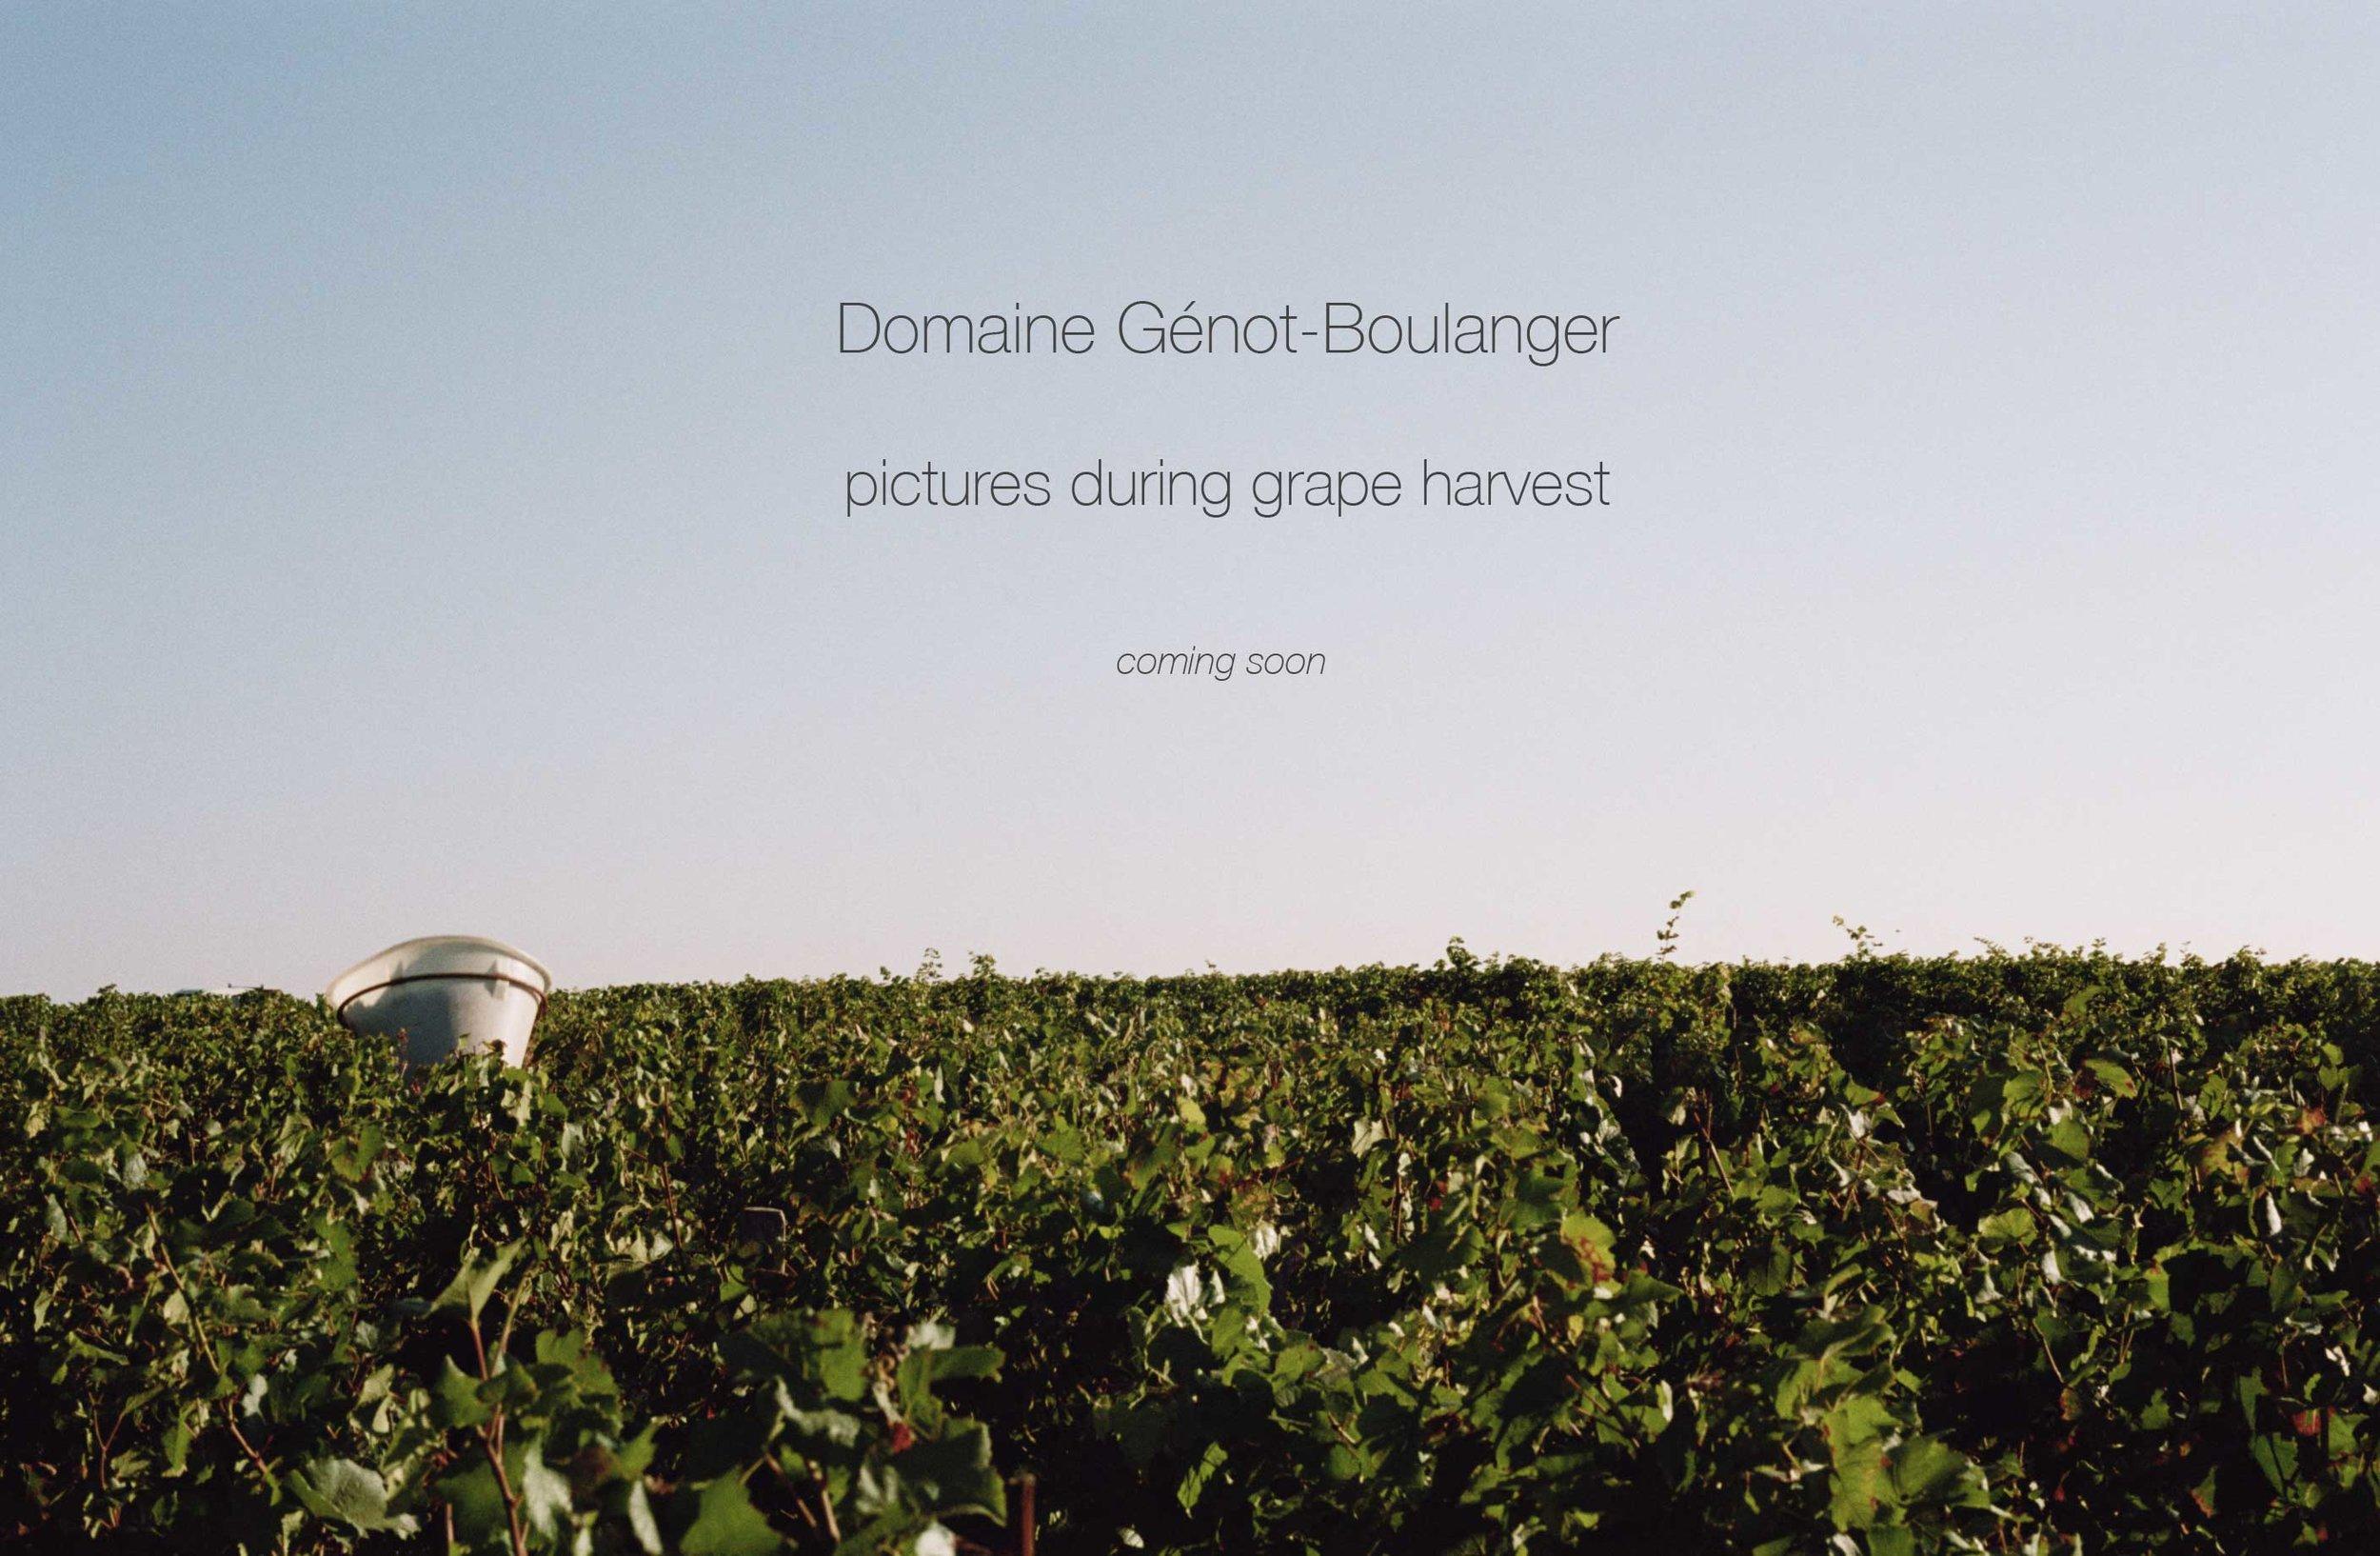 www.genot-boulanger.com